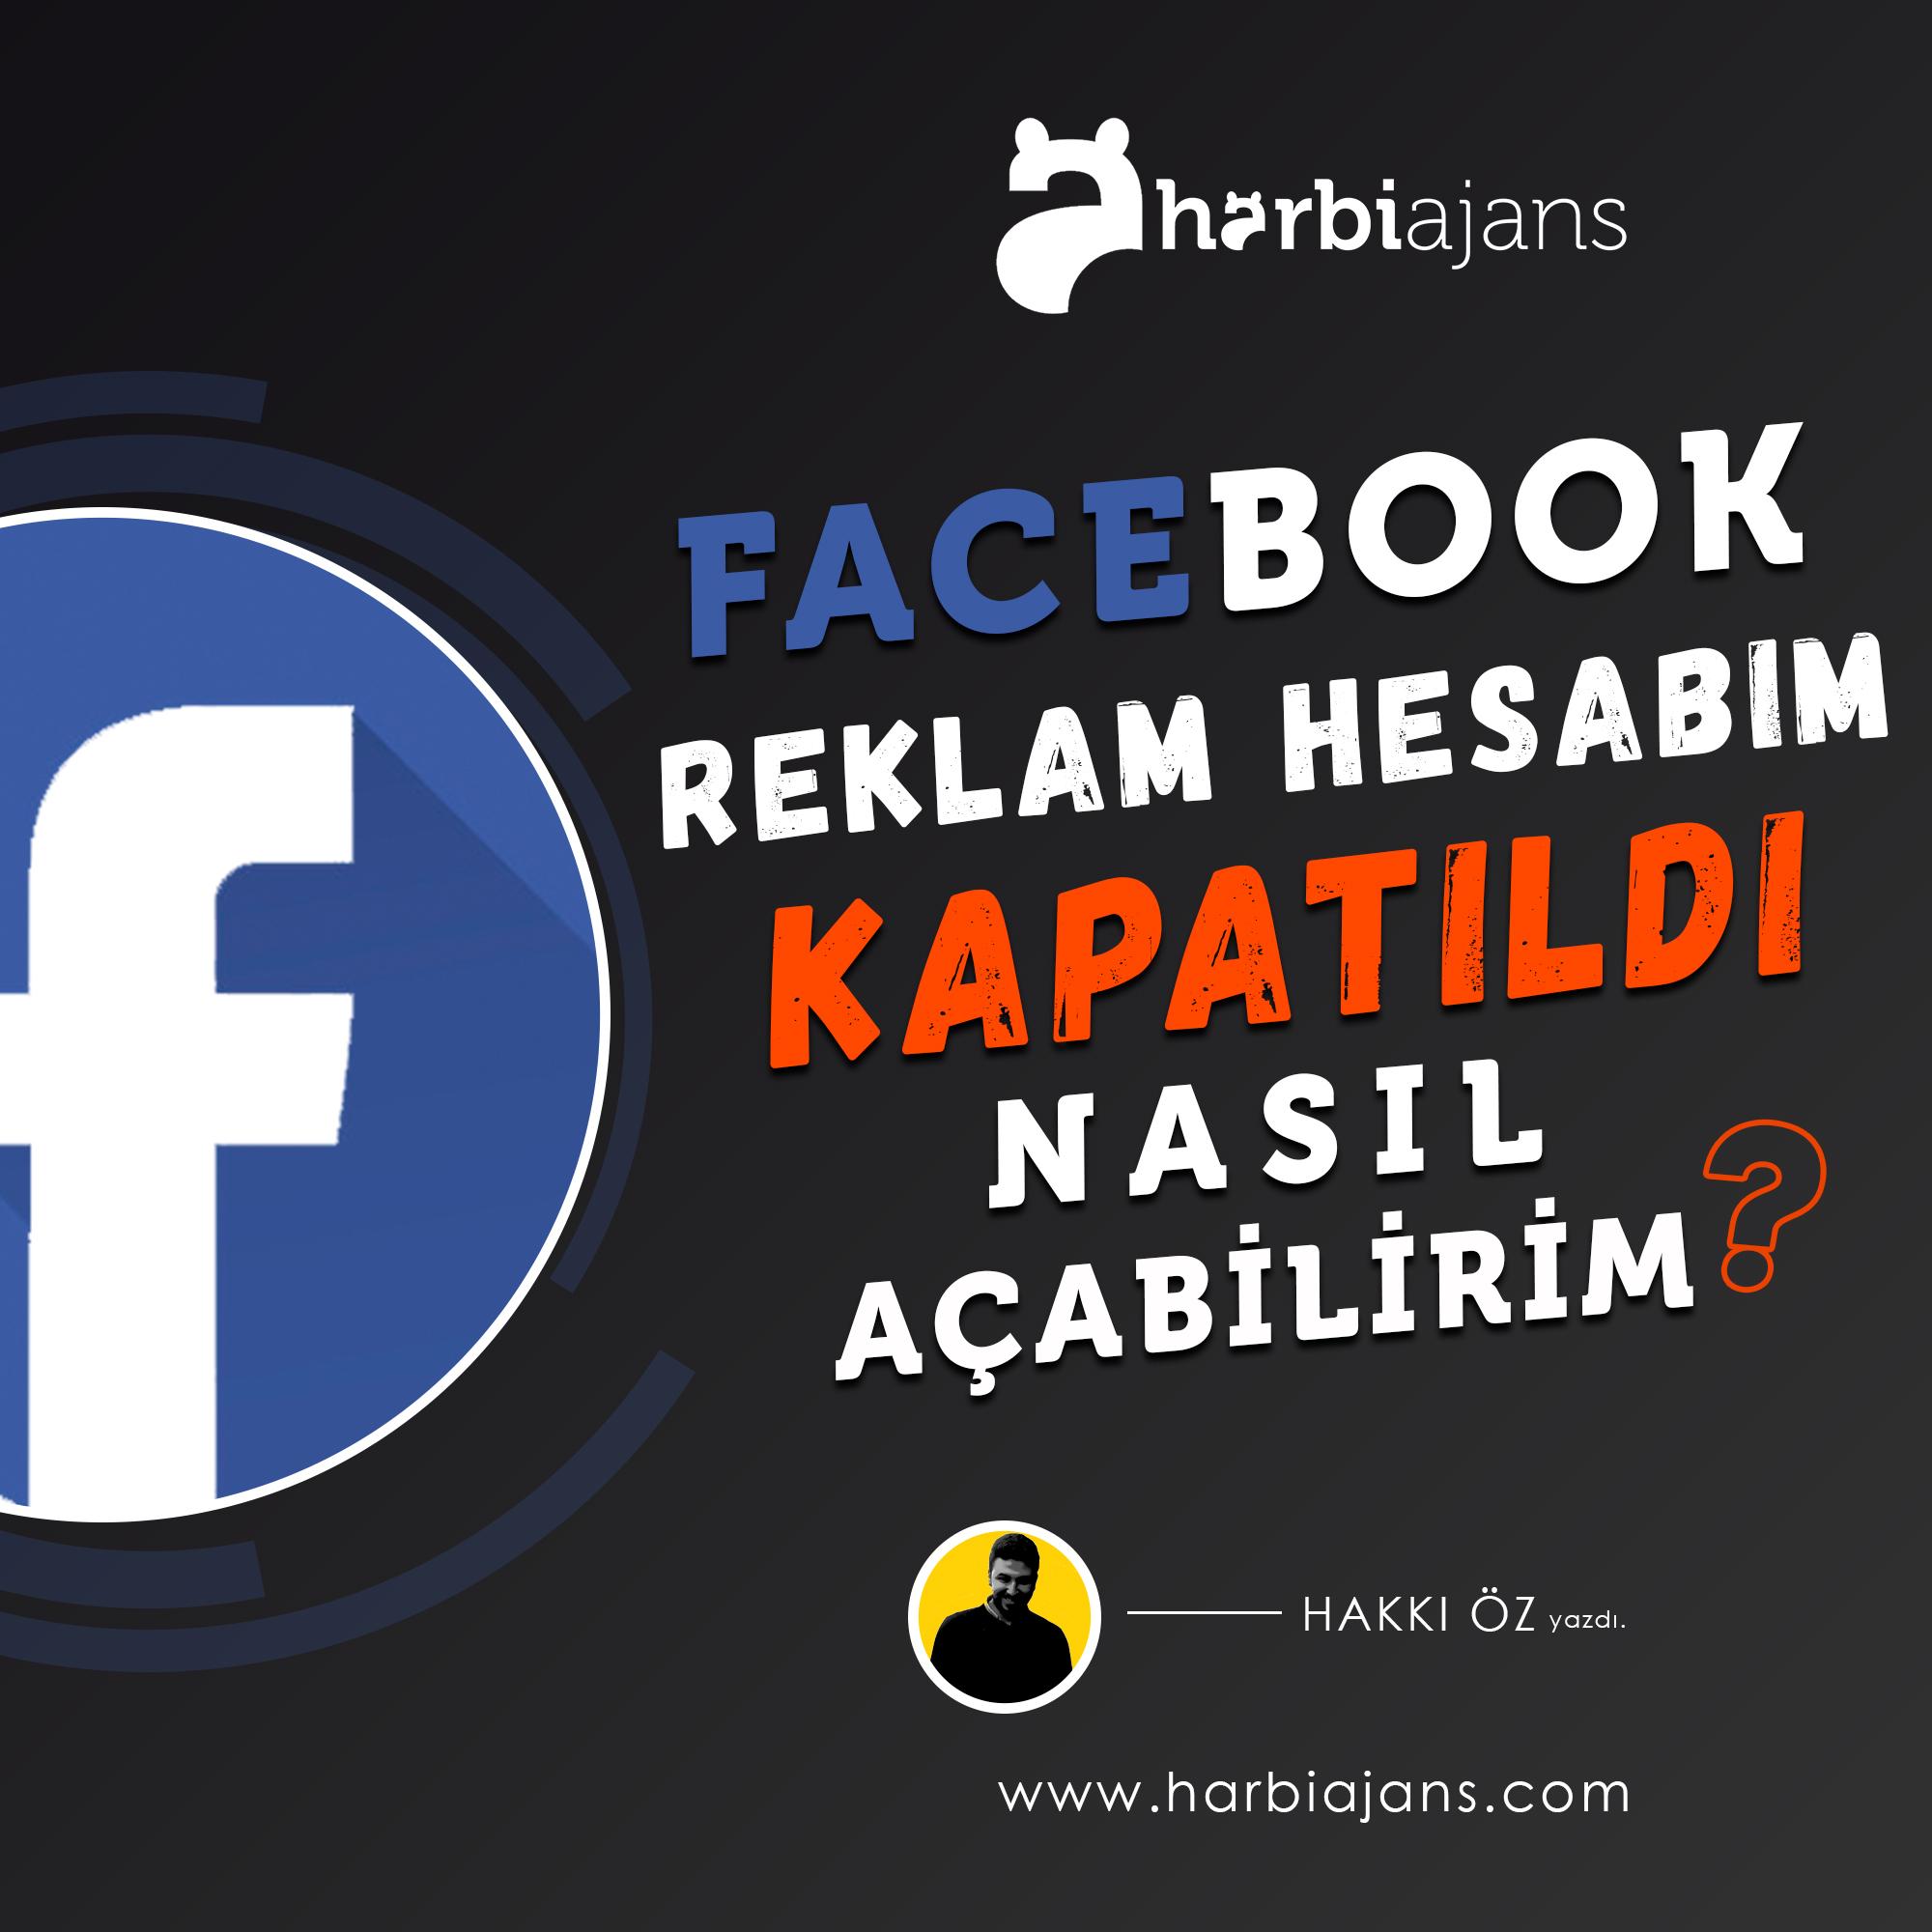 facebook reklam hesabım kapatıldı nasıl açabilirim